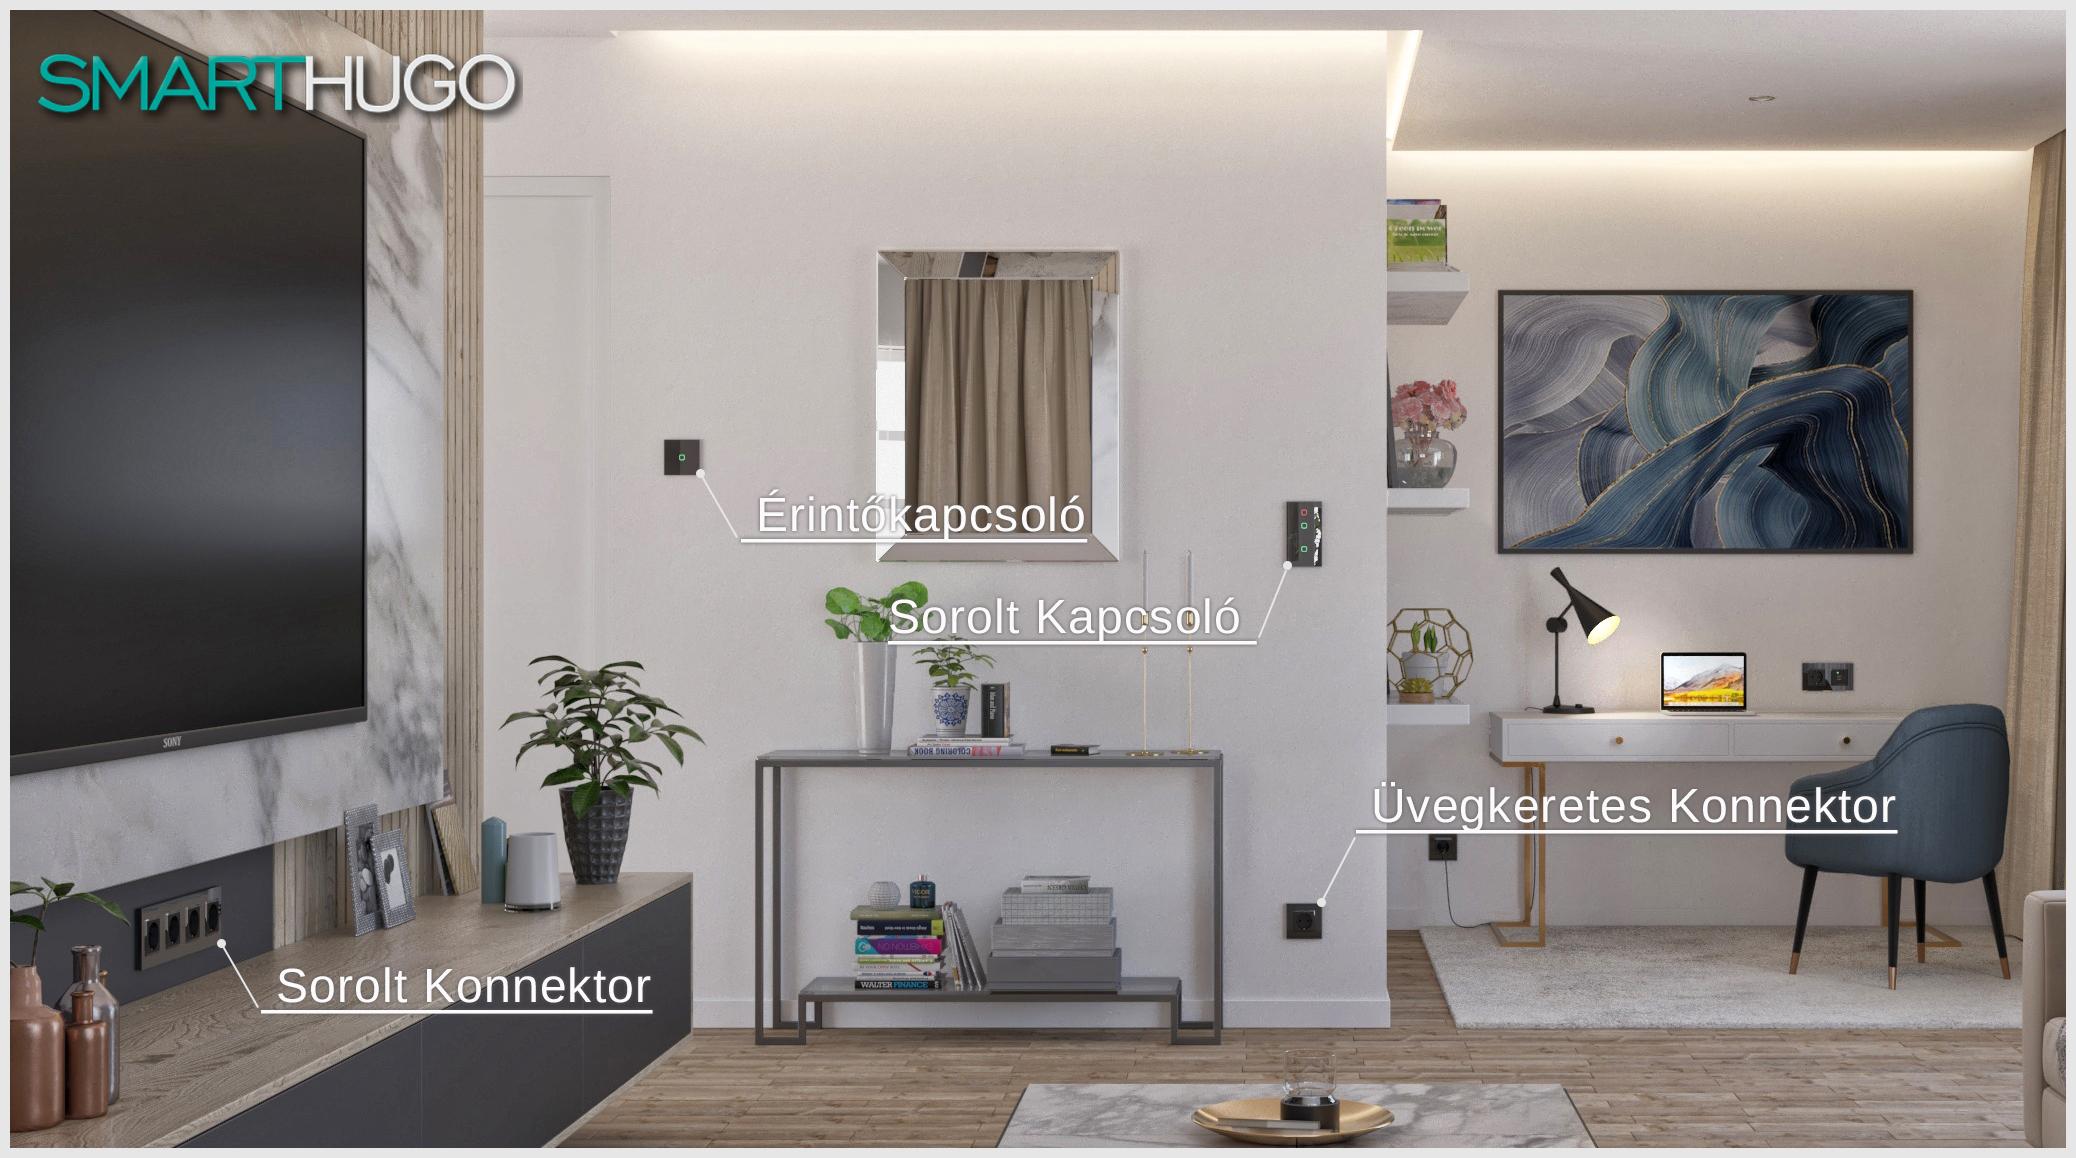 Smarthugo villanykapcsolók és konnektorok a nappaliban